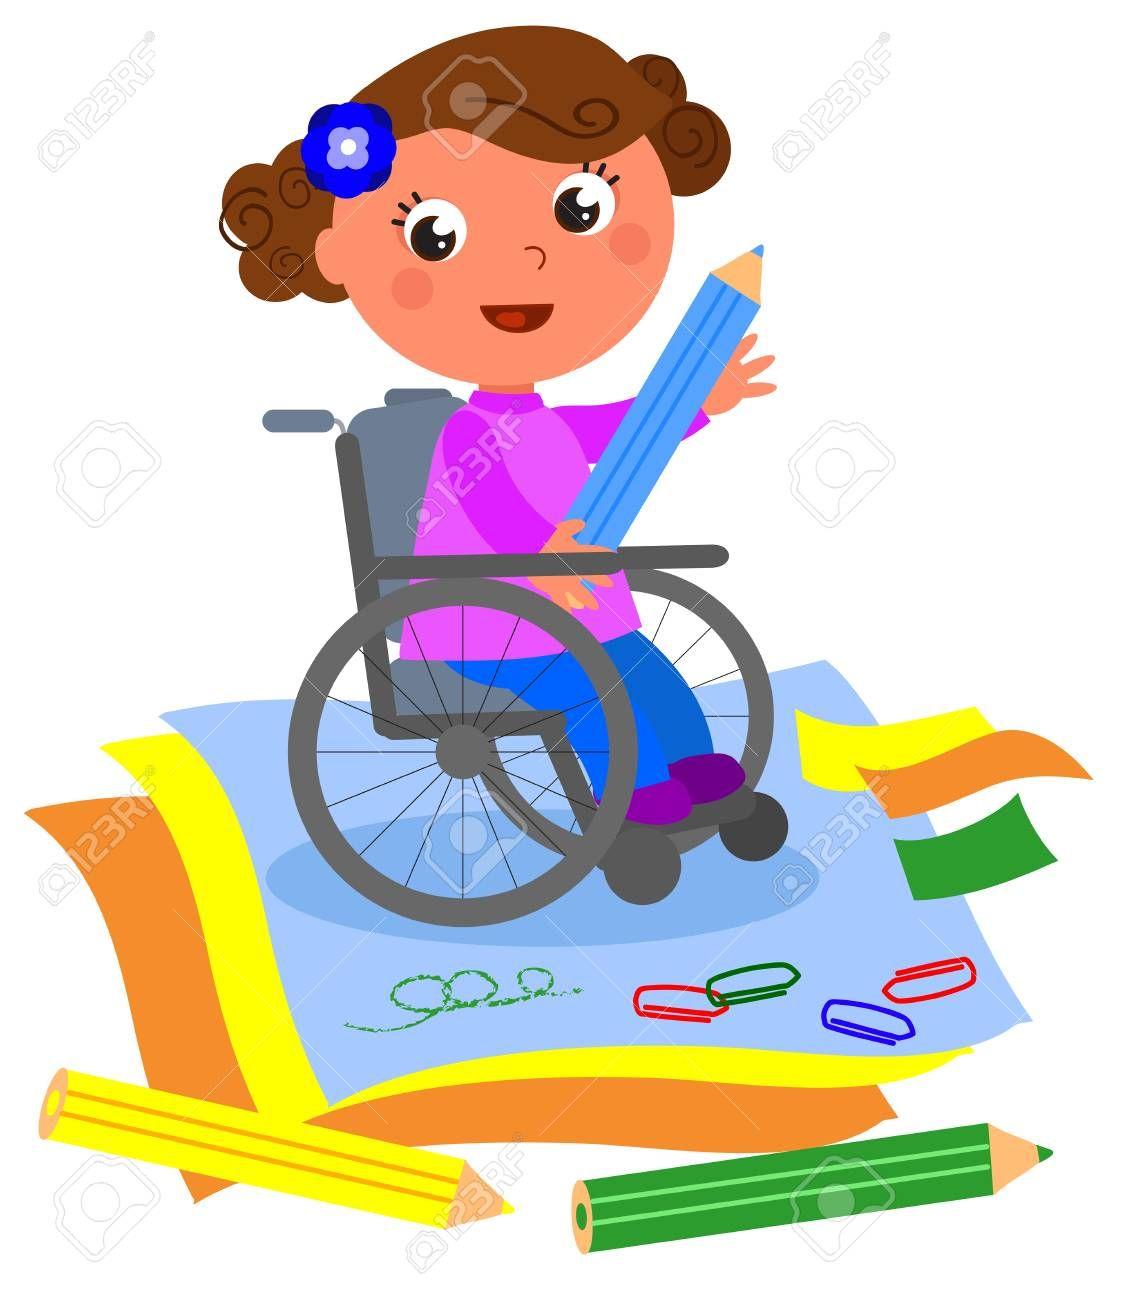 Ninas En Silla De Ruedas Buscar Con Google Cartoon Illustration Blue Crayon Photo Craft